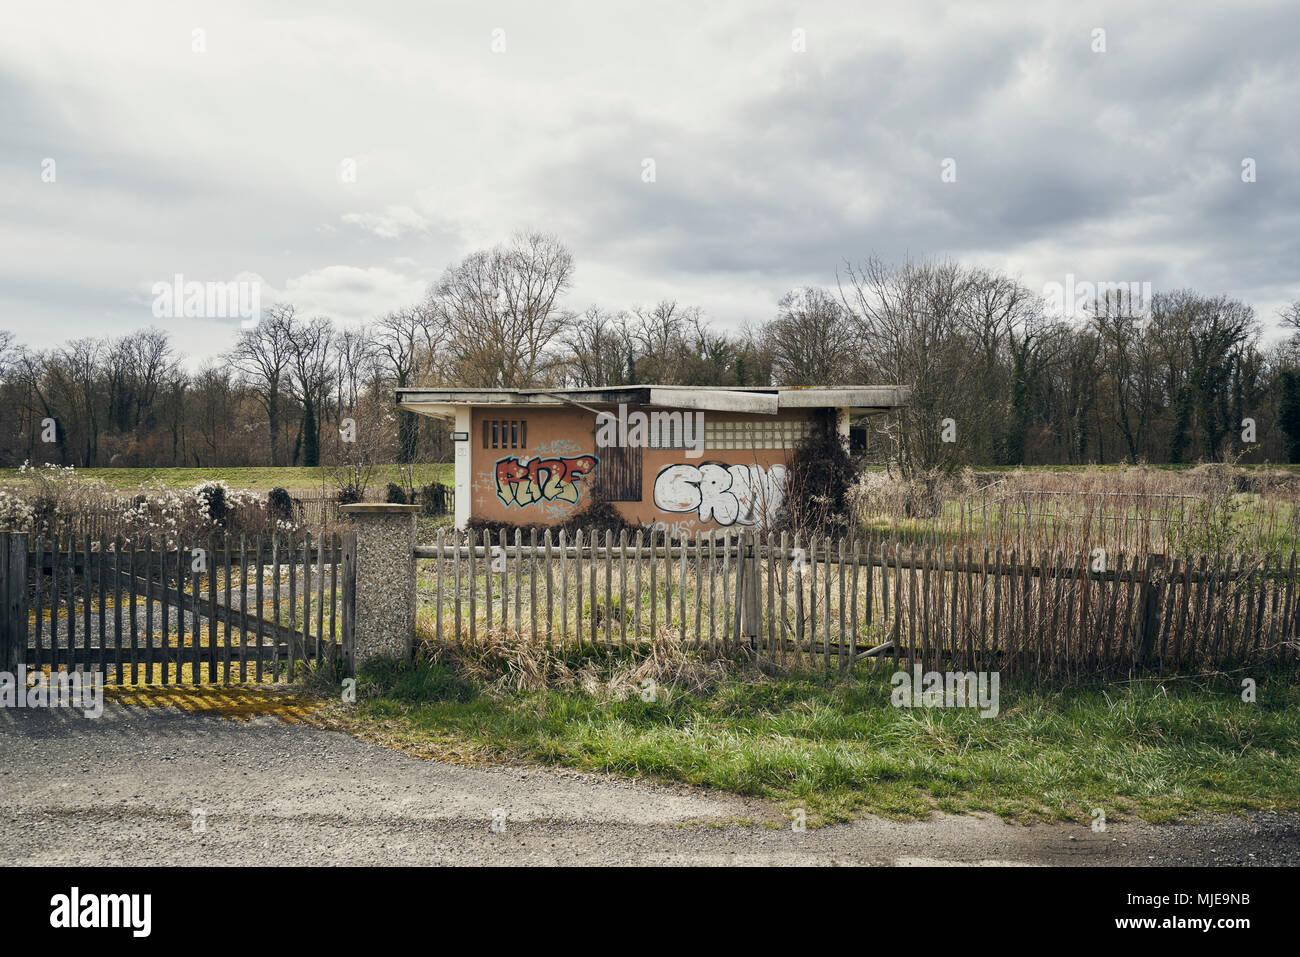 Graffiti On Fence Imágenes De Stock & Graffiti On Fence Fotos De ...